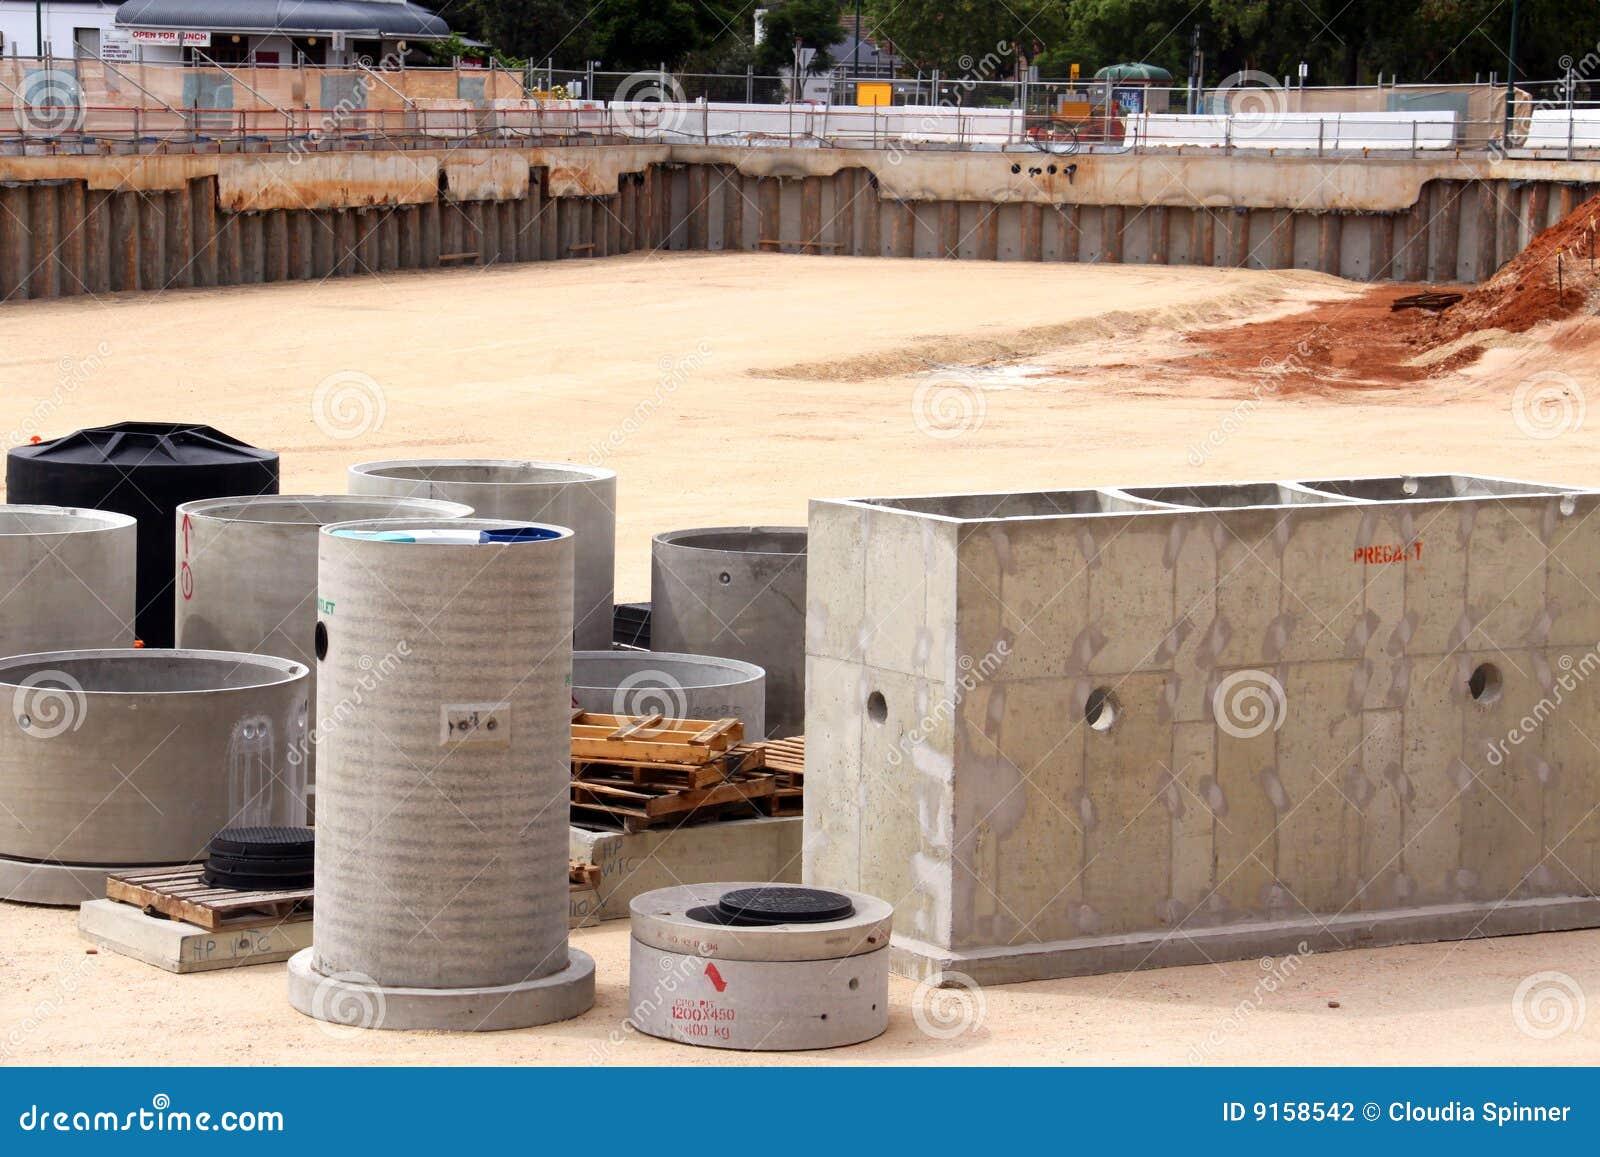 Calcestruzzo prefabbricato nel pozzo del cantiere fotografia stock ...